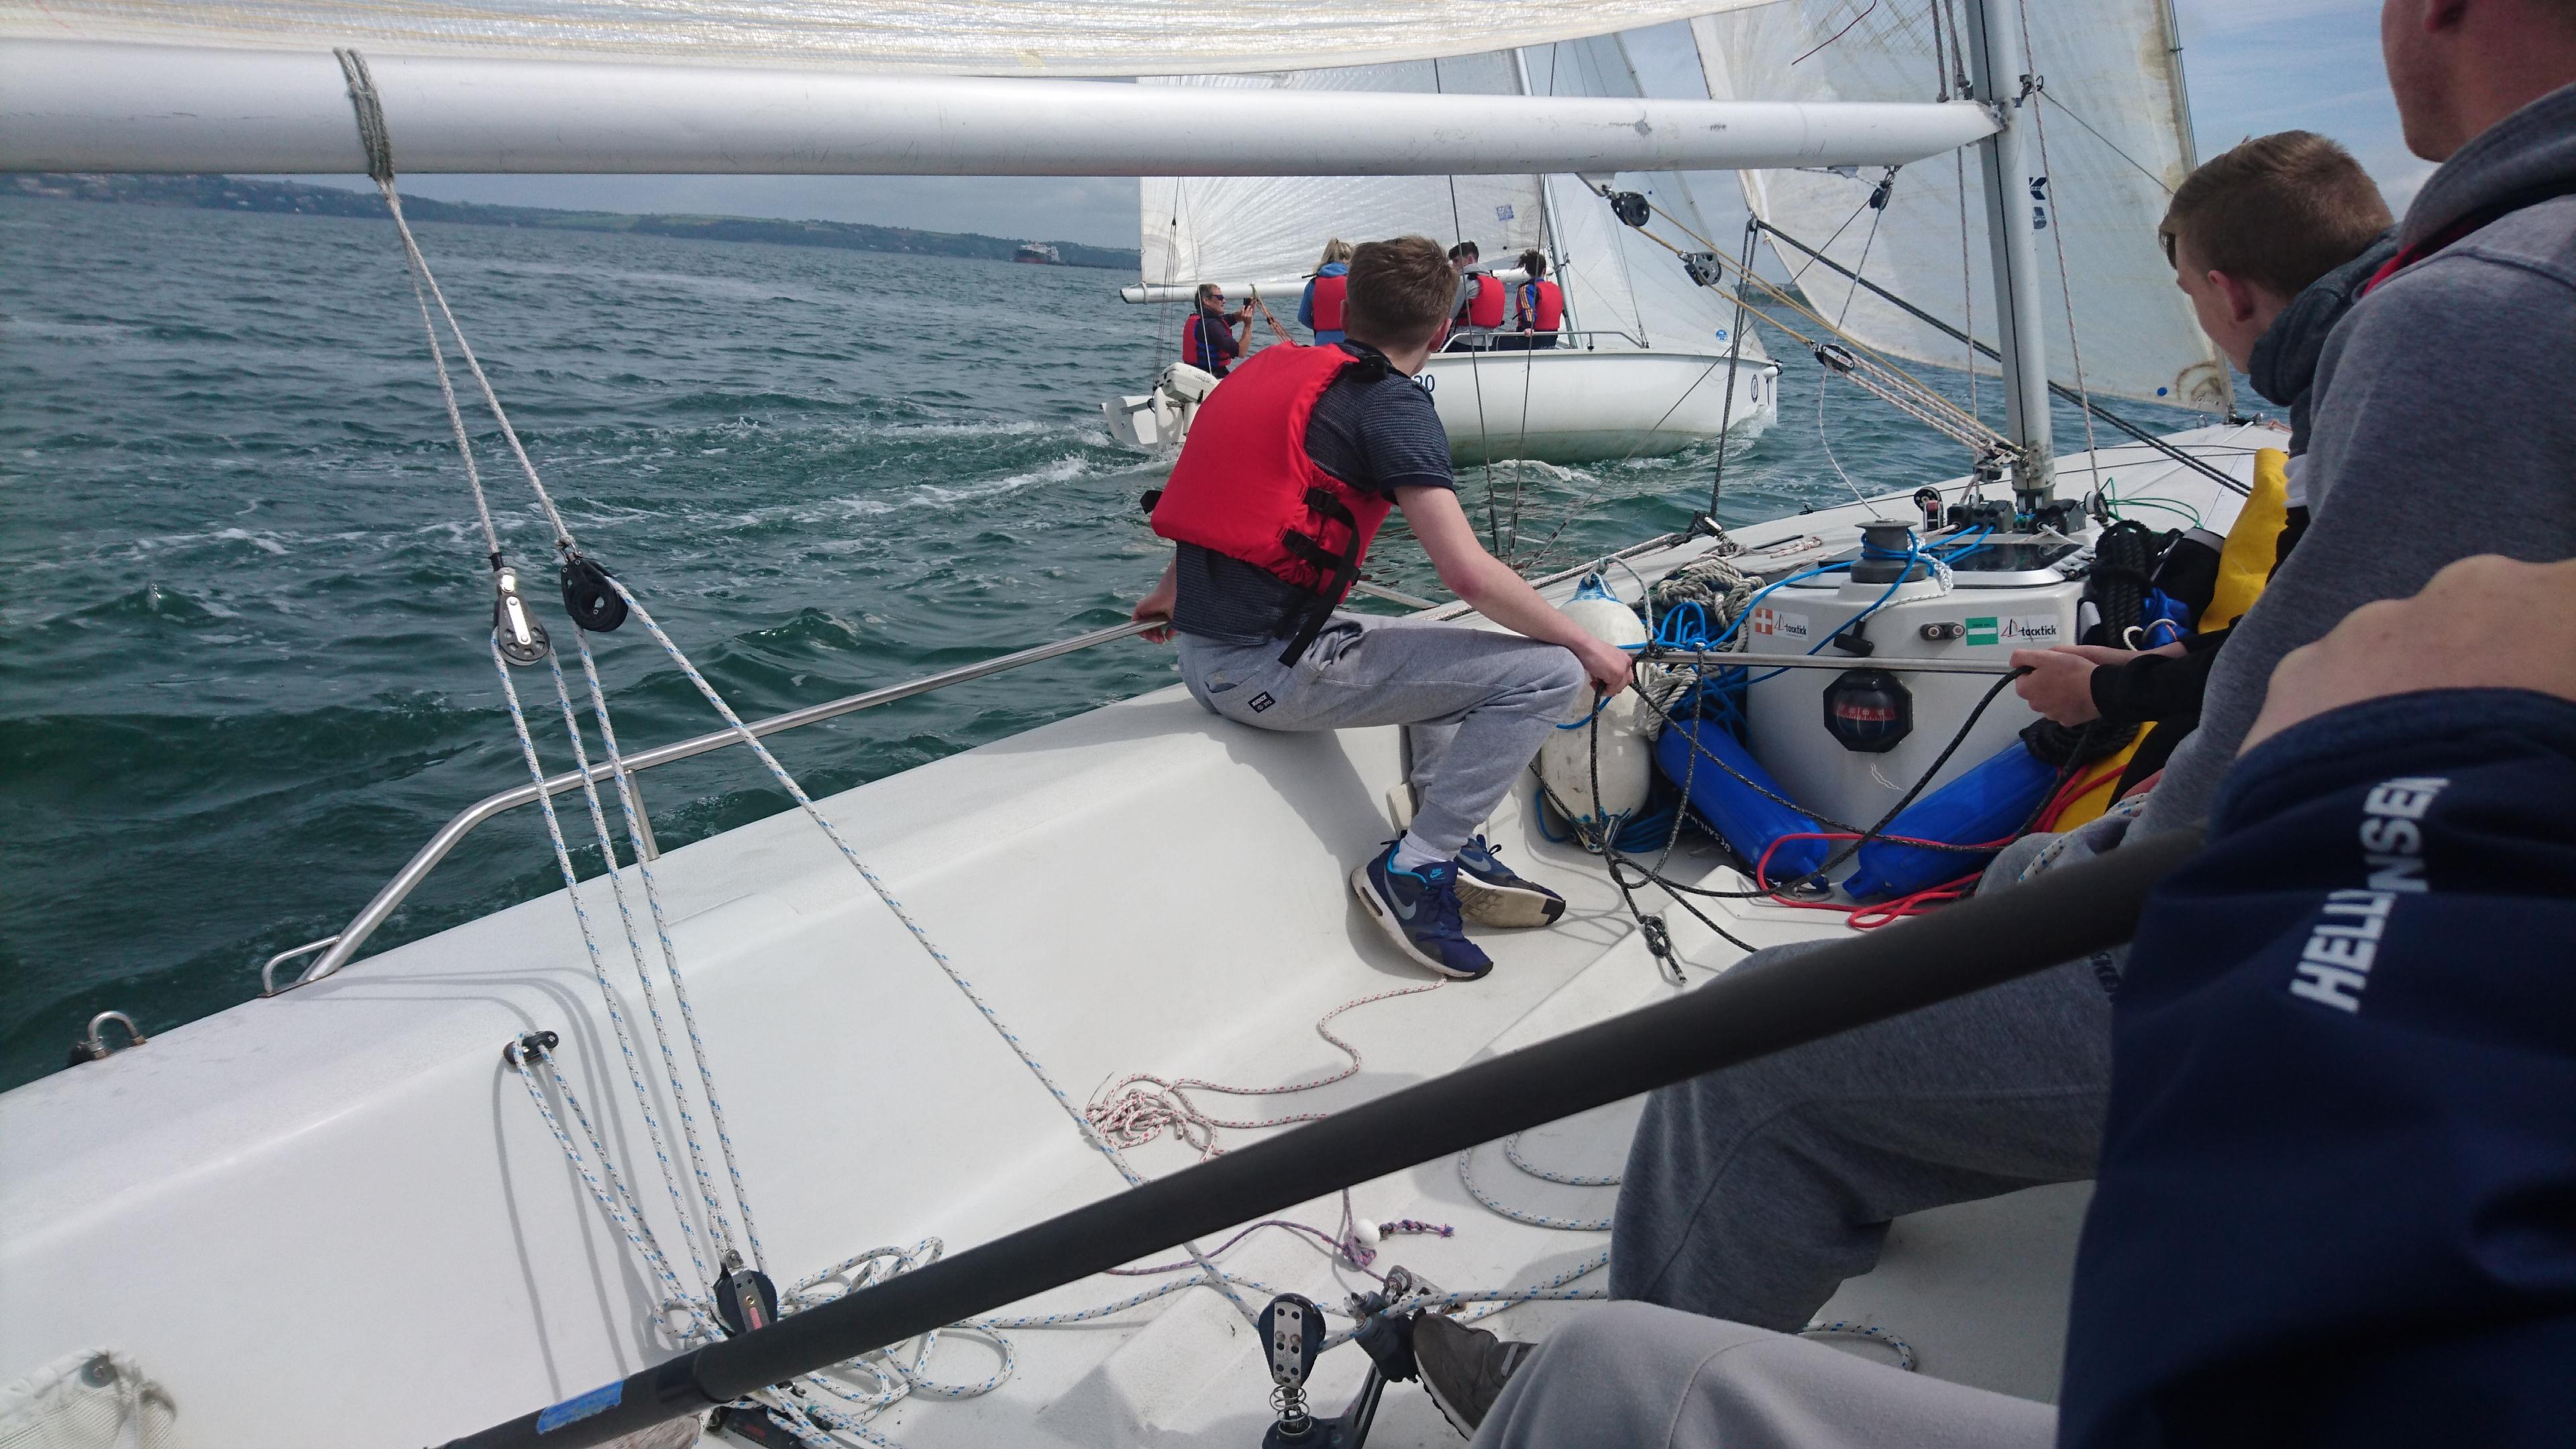 Sailing lingo